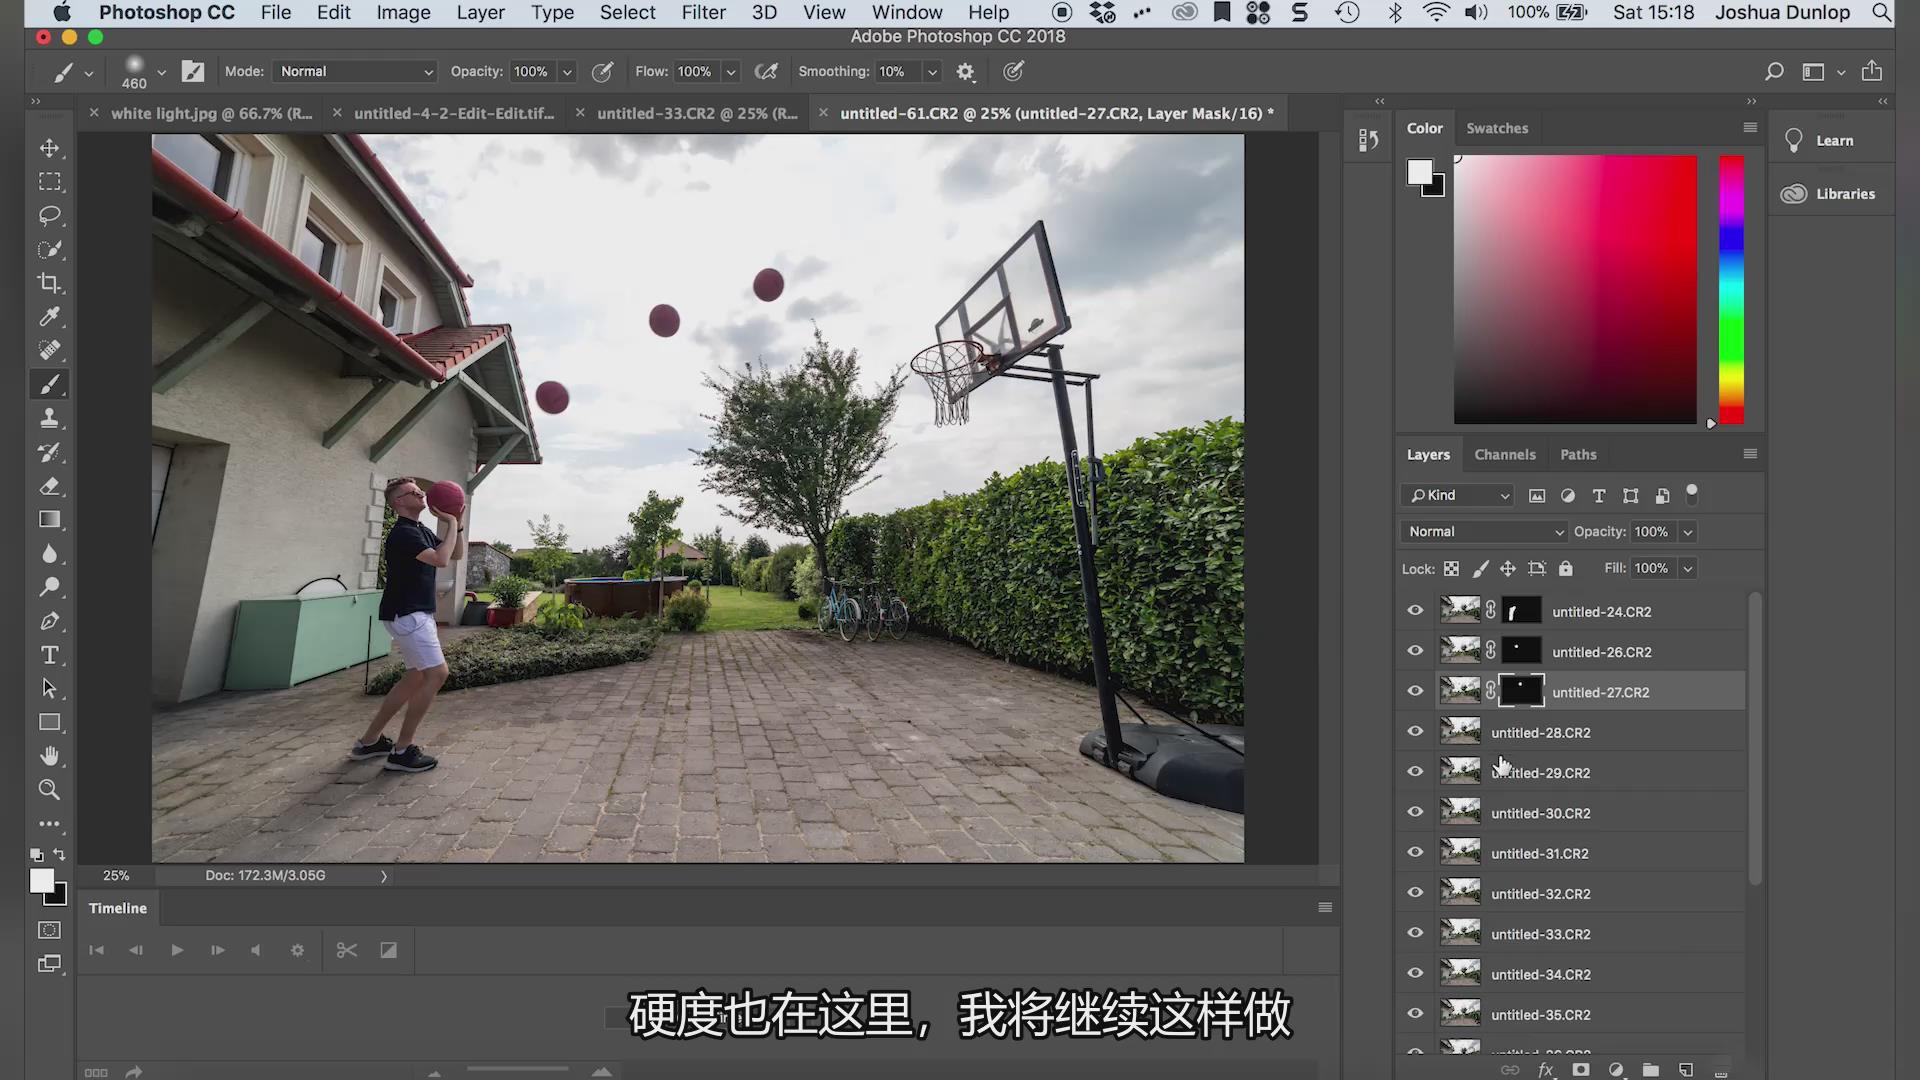 摄影教程_JOSHUA DUNLOP-30天创意摄影产品项目视频课程-中文字幕 摄影教程 _预览图16